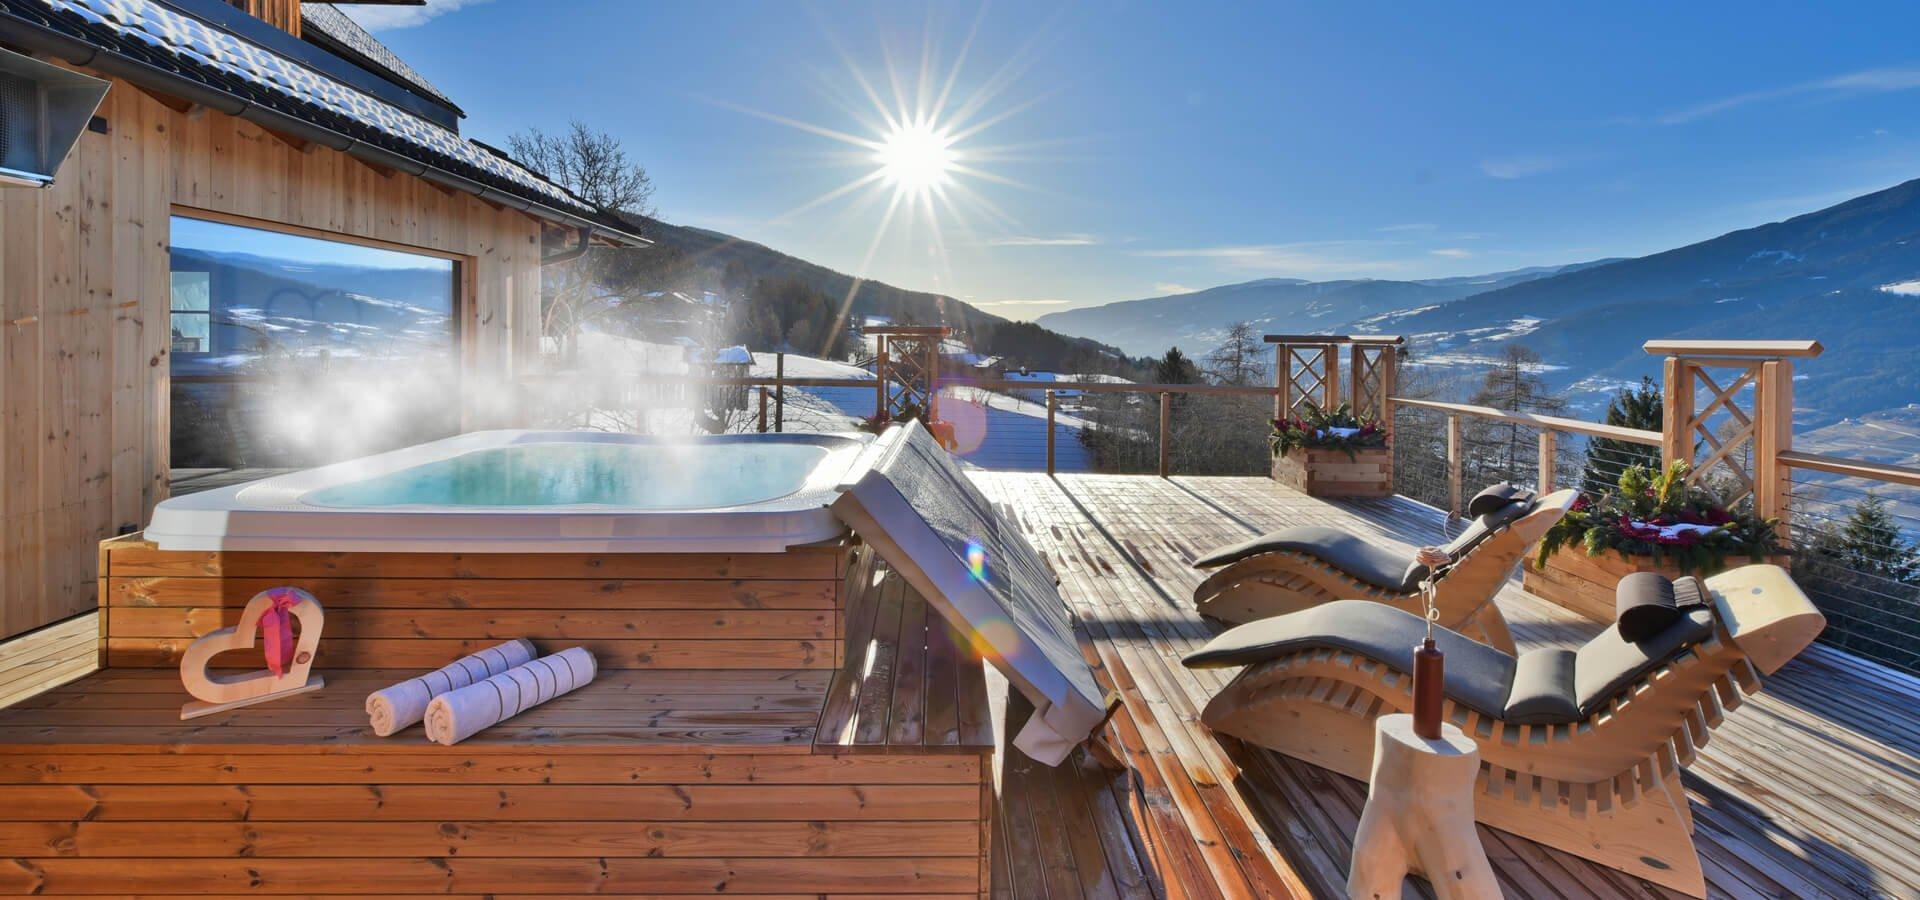 urlaub-am-bauernhof-suedtirol-winter-sonnenterrasse